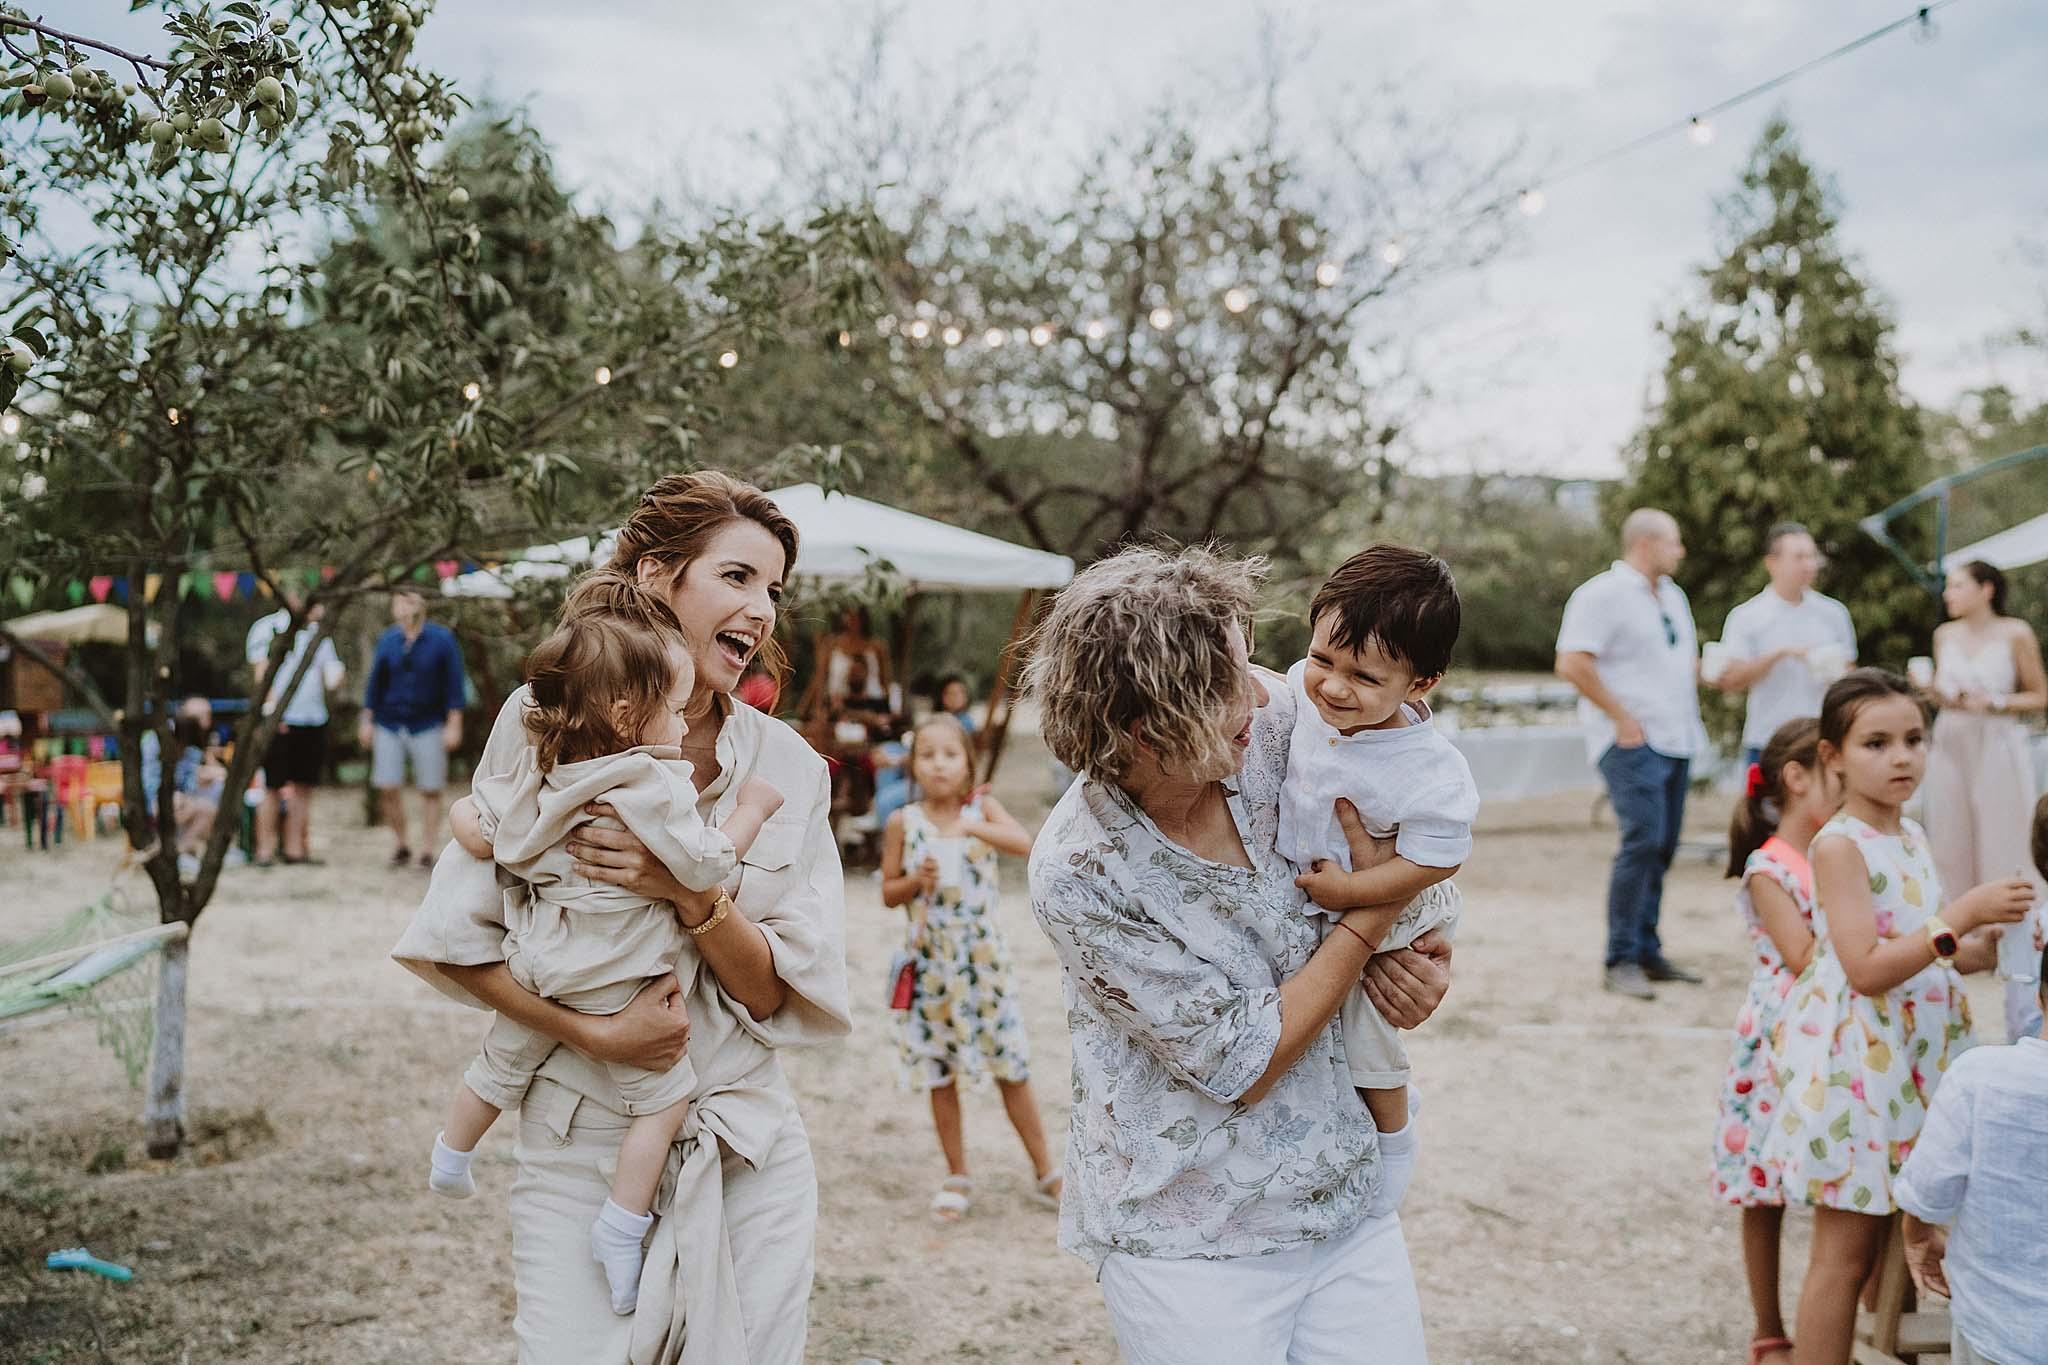 Семеен фотограф, детски фотограф, семейна фотосесия, детска фотосесия, фотограф, фотограф Варна, фотограф София, фотограф България, фотосесия, фотосесия на морето, детски снимки